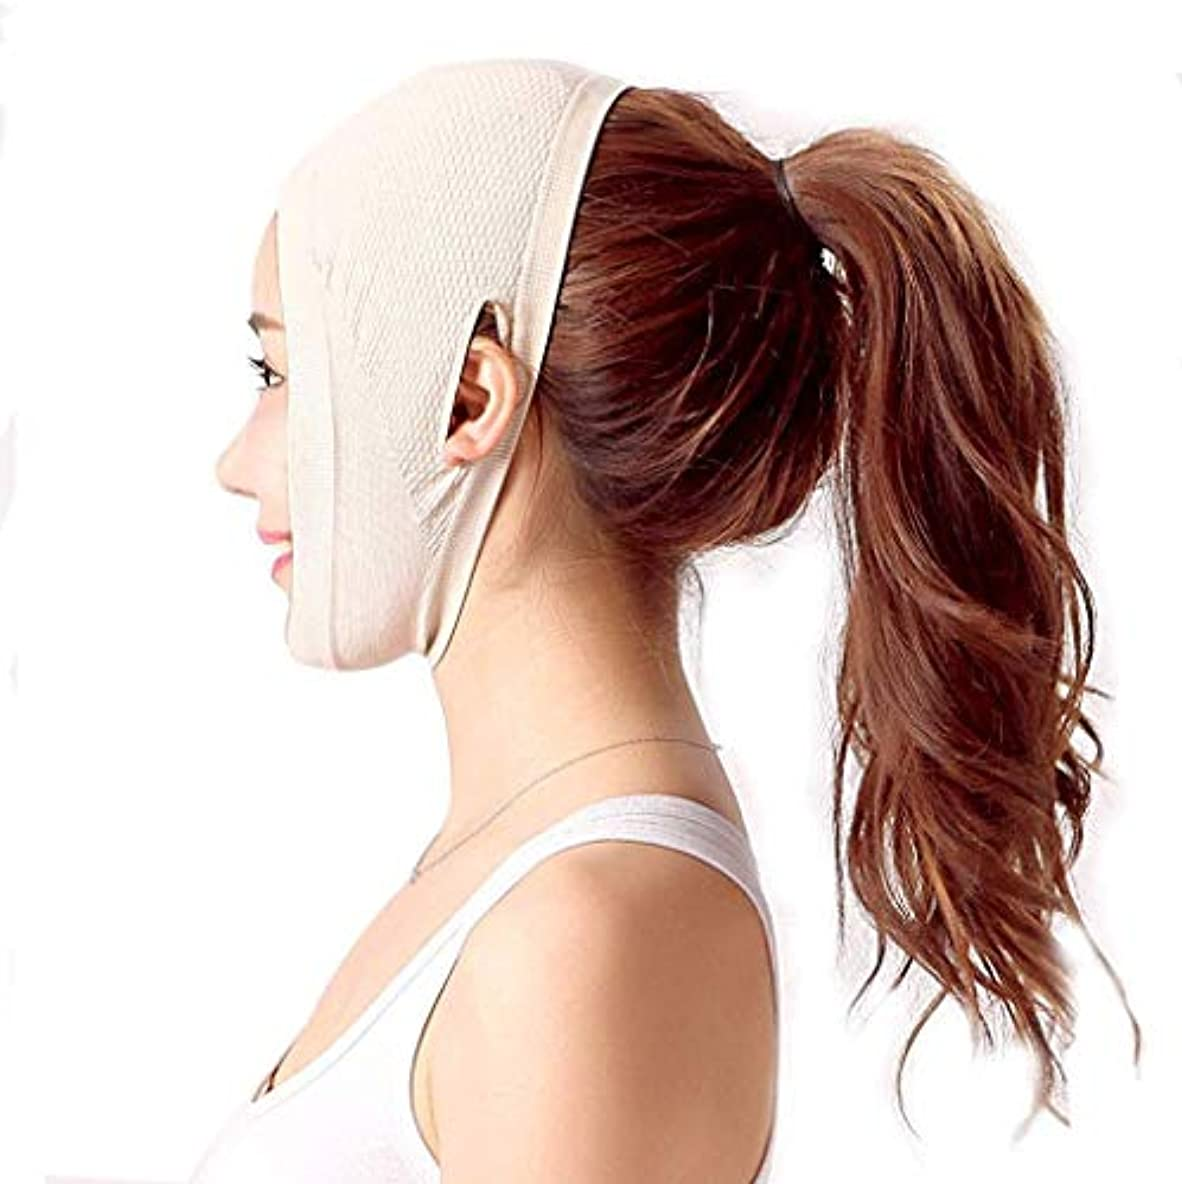 発掘ビバ解くSlim身Vフェイスマスク、整形手術病院ライン彫刻術後回復ヘッドギア医療マスク睡眠Vフェイスリフティング包帯薄いフェイスマスク(色:肌のトーン(A))